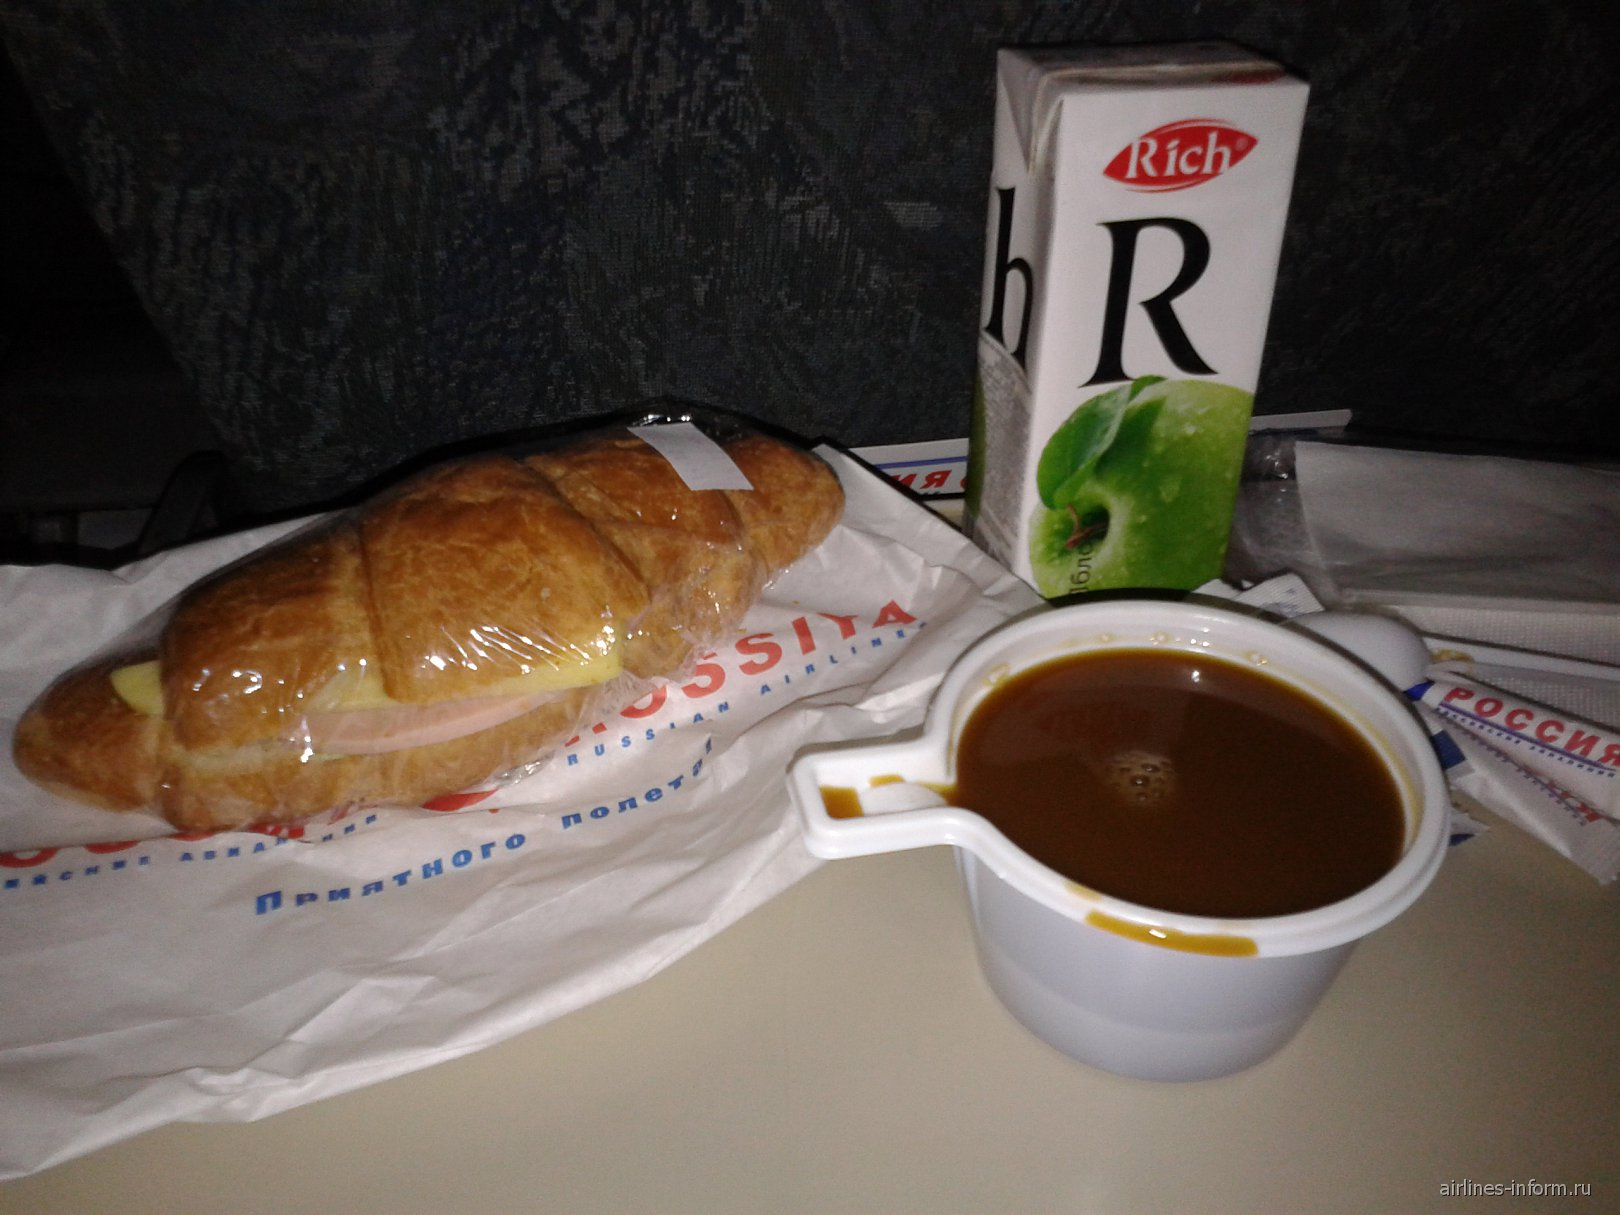 Питание на рейсе Петербург-Москва авиакомпании Россия